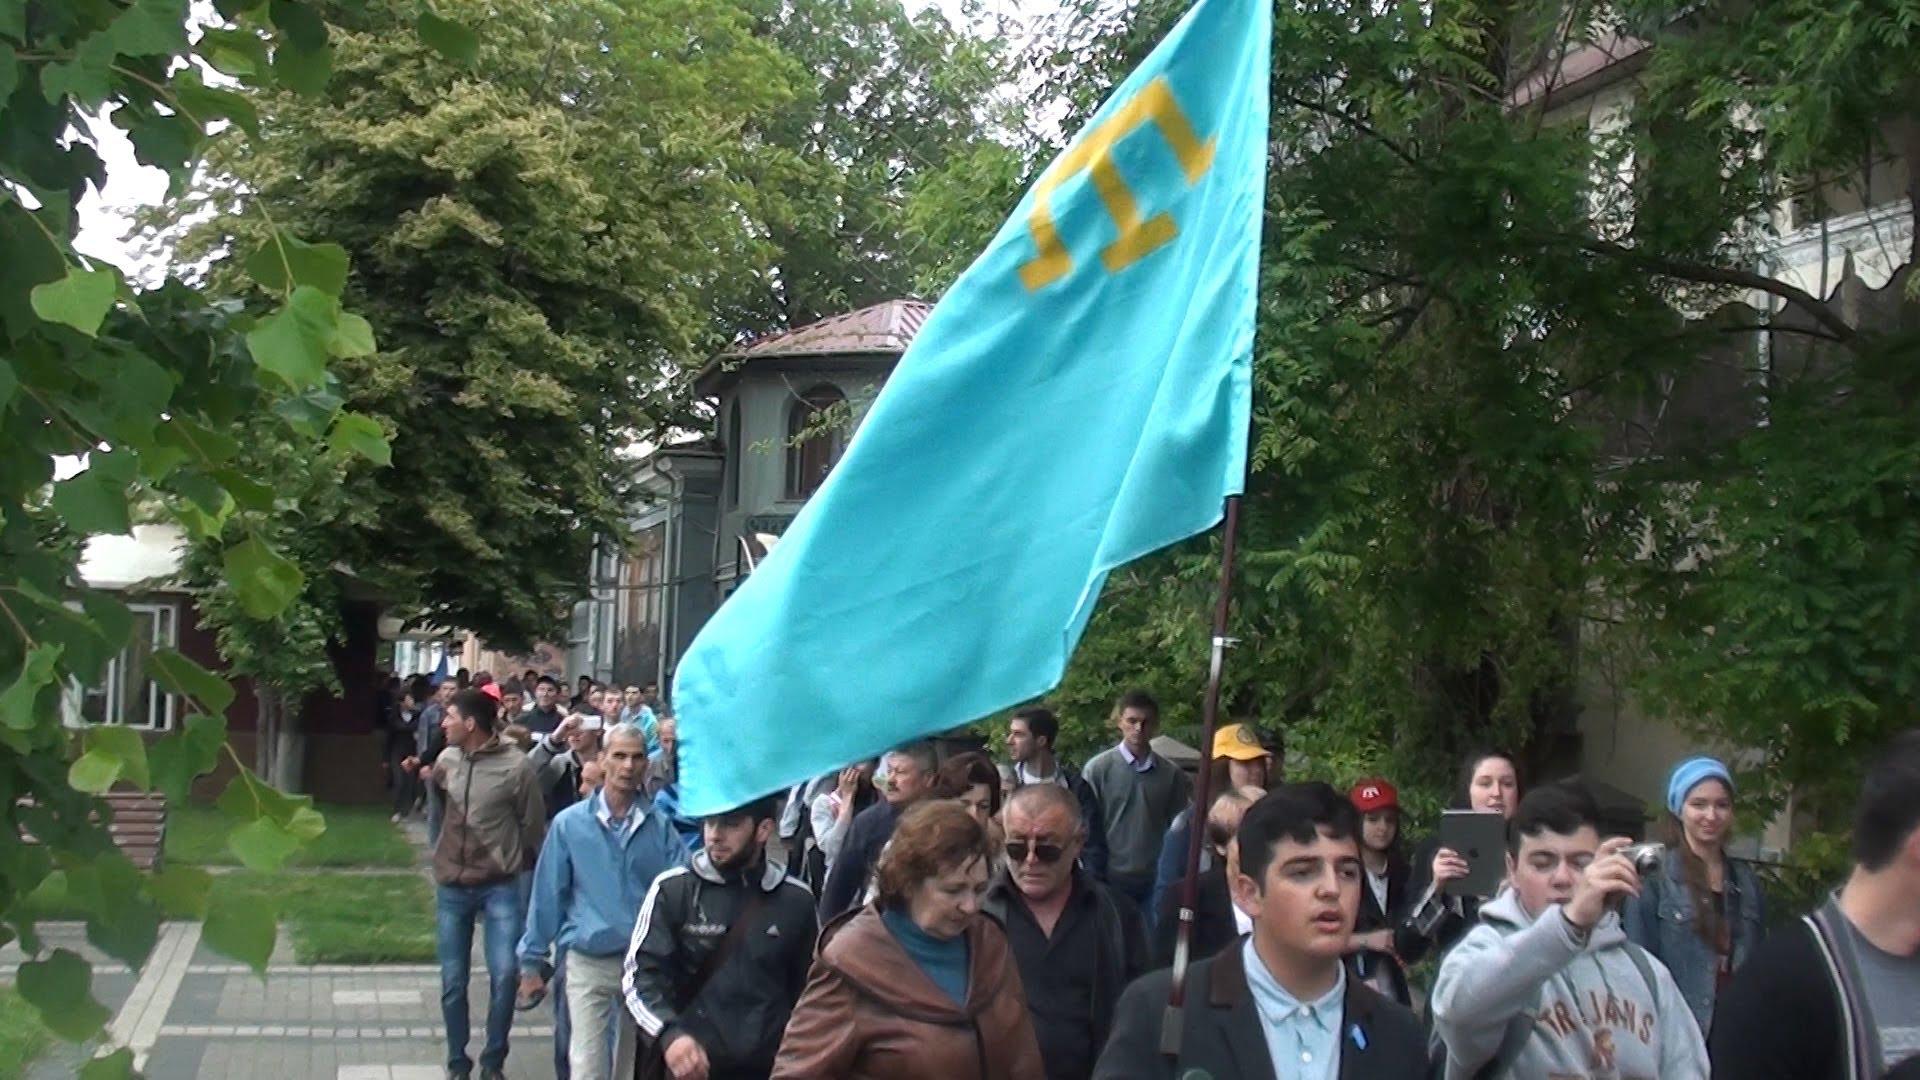 """Массовая драка в Бахчисарае! Местная """"самооборона"""" и полиция набросилась на крымских татар из-за флагов Меджилиса, но отгребла по полной"""